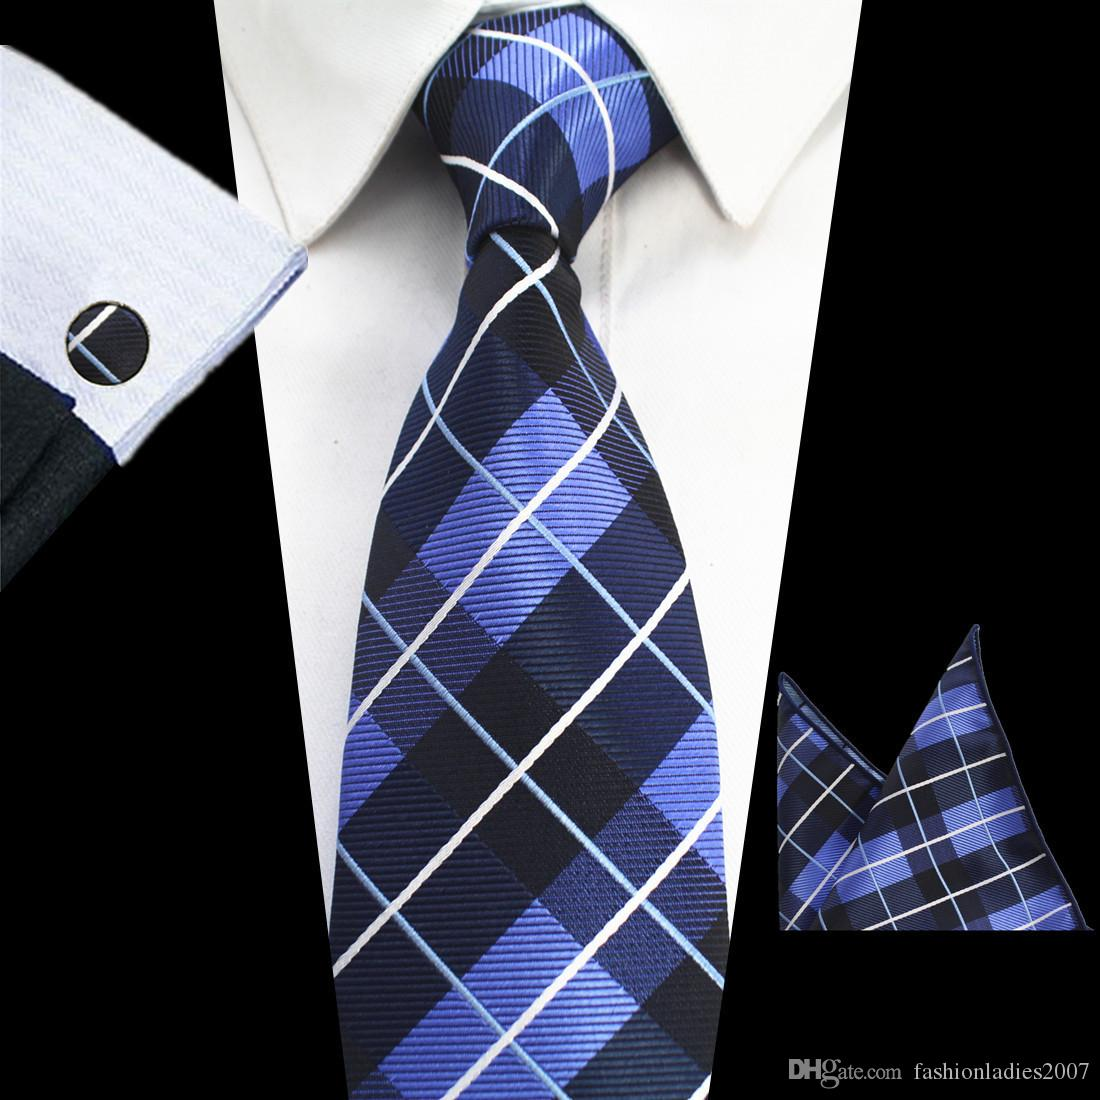 الكلاسيكية رجل العلاقات مجموعات 51 تصميم 100٪ العلاقات الحرير العلاقات منديل الكم 8 سنتيمتر منقوشة مخطط للرجال الأعمال الرسمي حفل زفاف gravatas